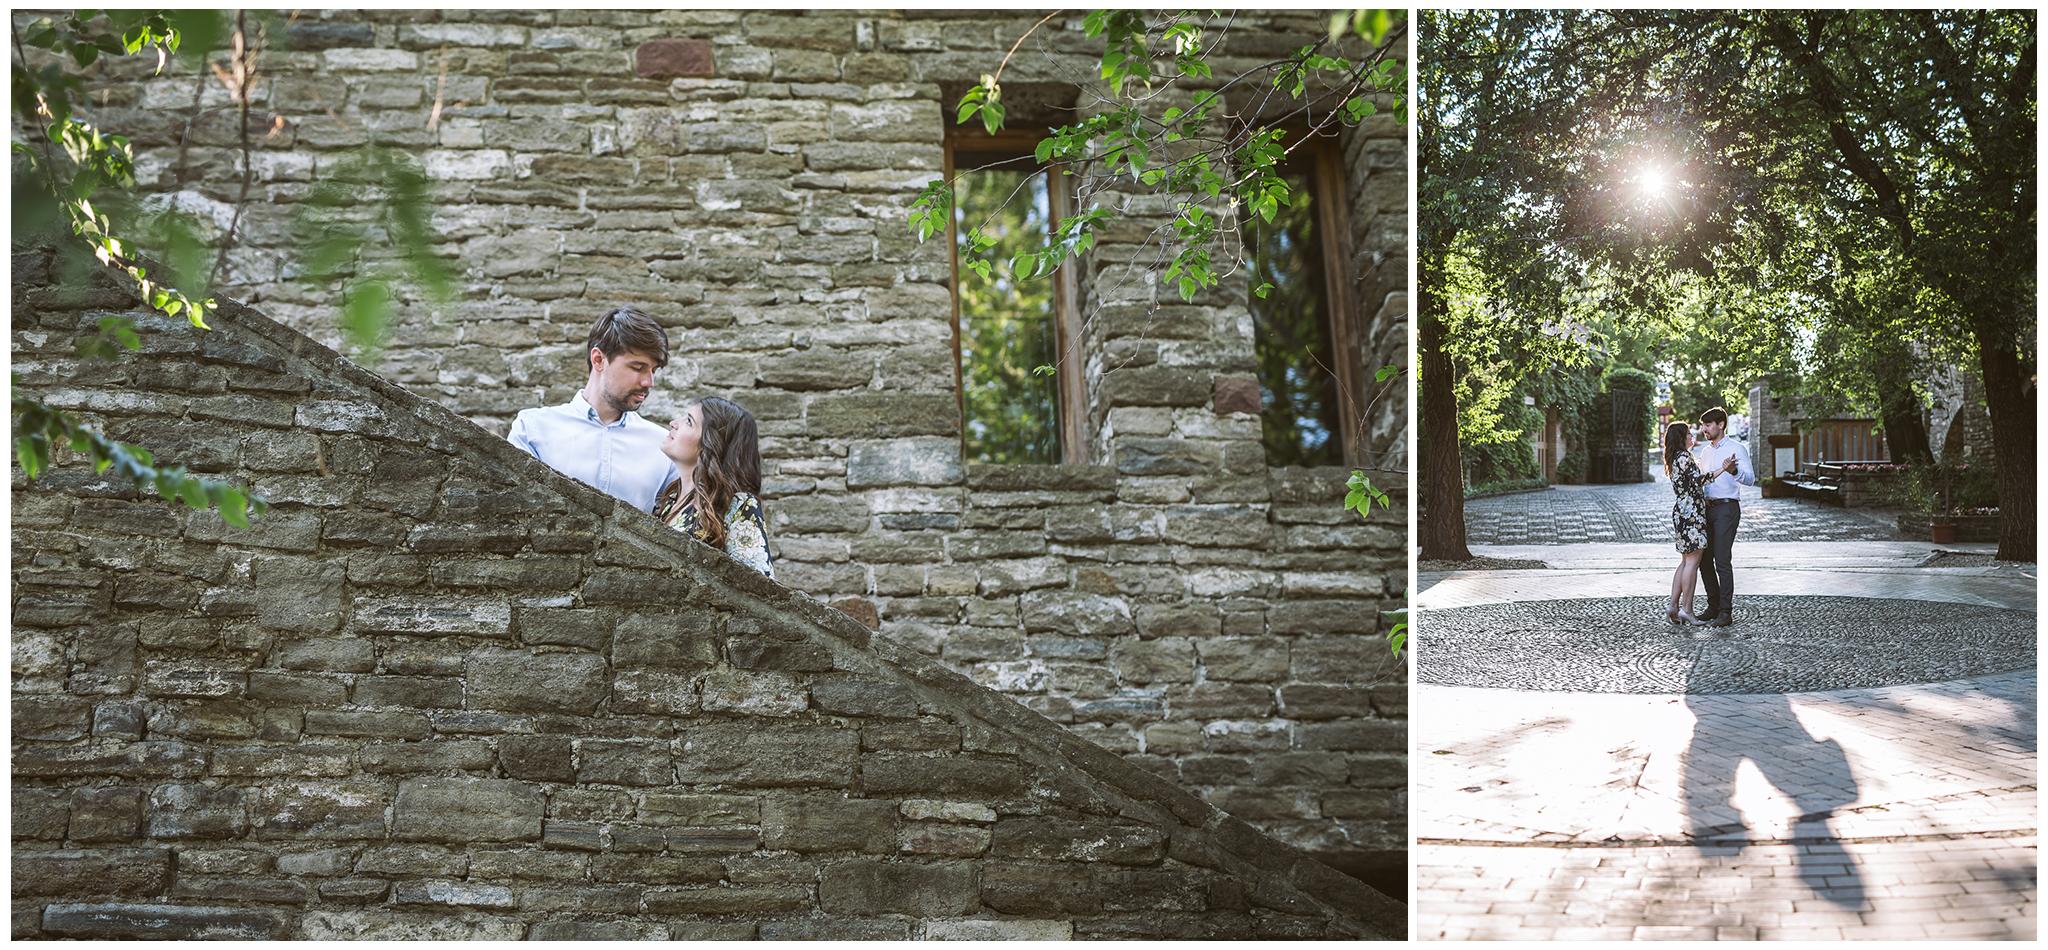 FylepPhoto, esküvőfotózás, magyarország, esküvői fotós, vasmegye, prémium, jegyesfotózás, Fülöp Péter, körmend, kreatív, tihany 06.jpg